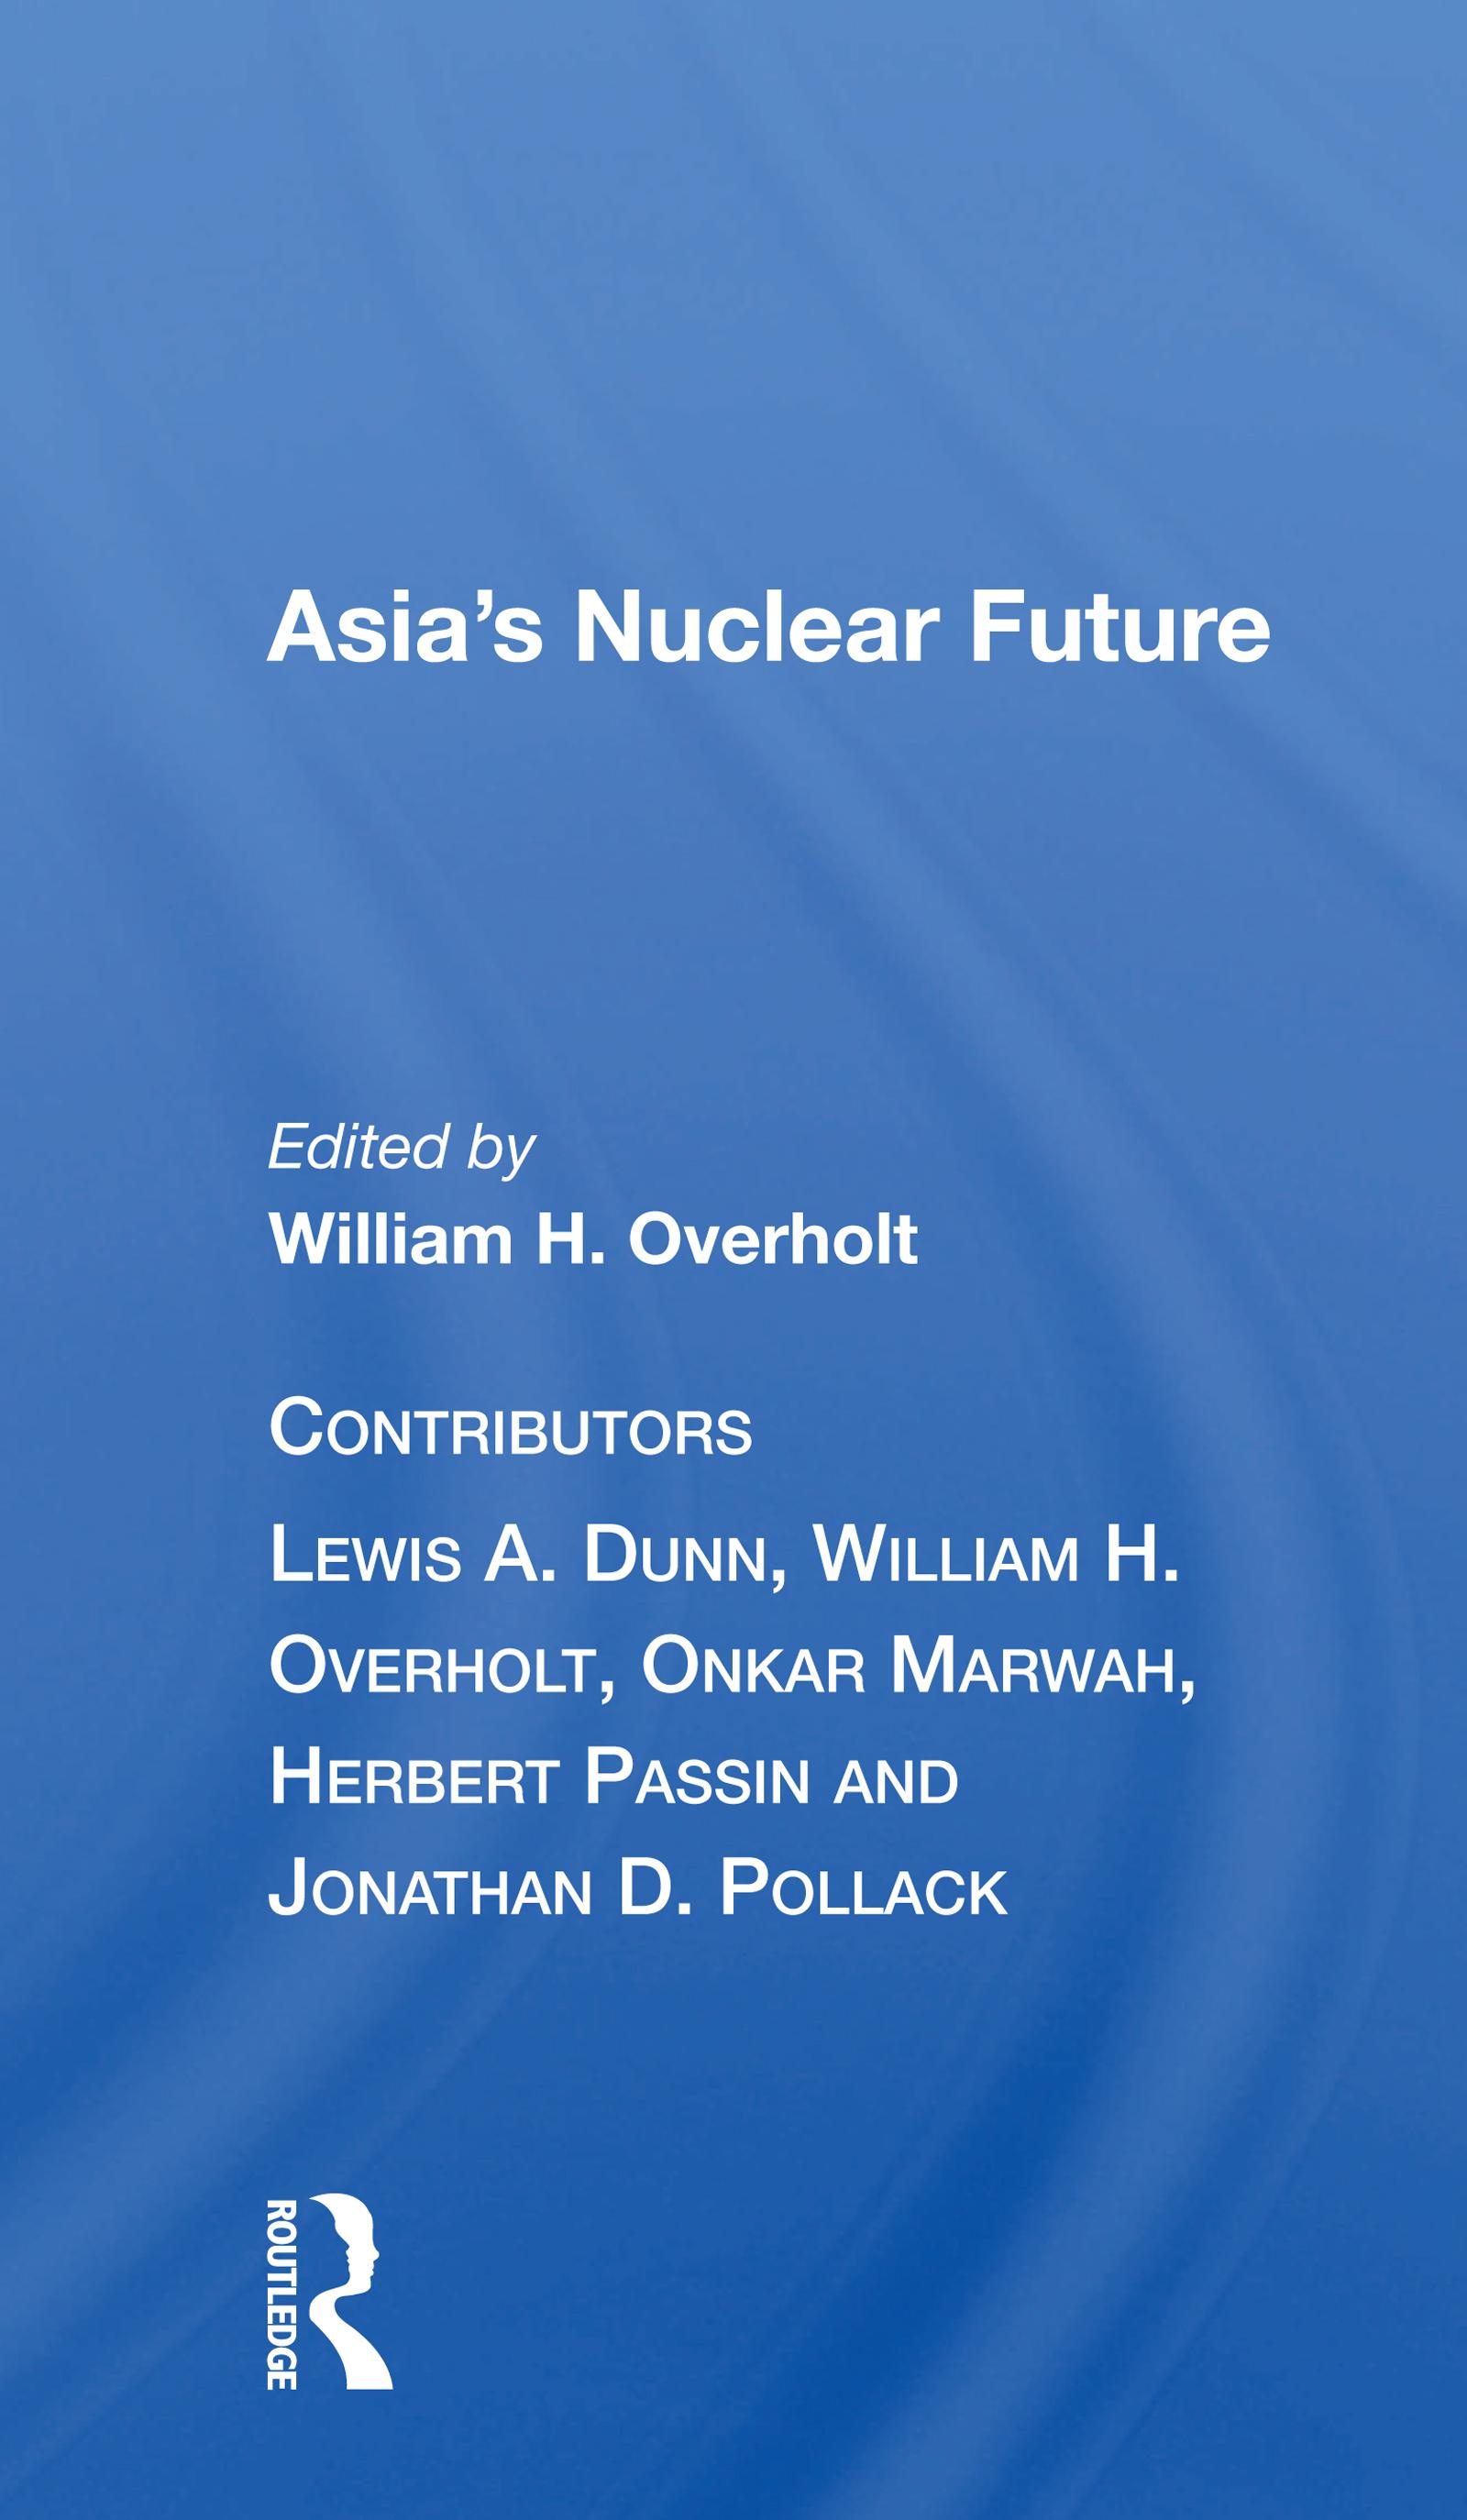 Asia's Nuclear Future